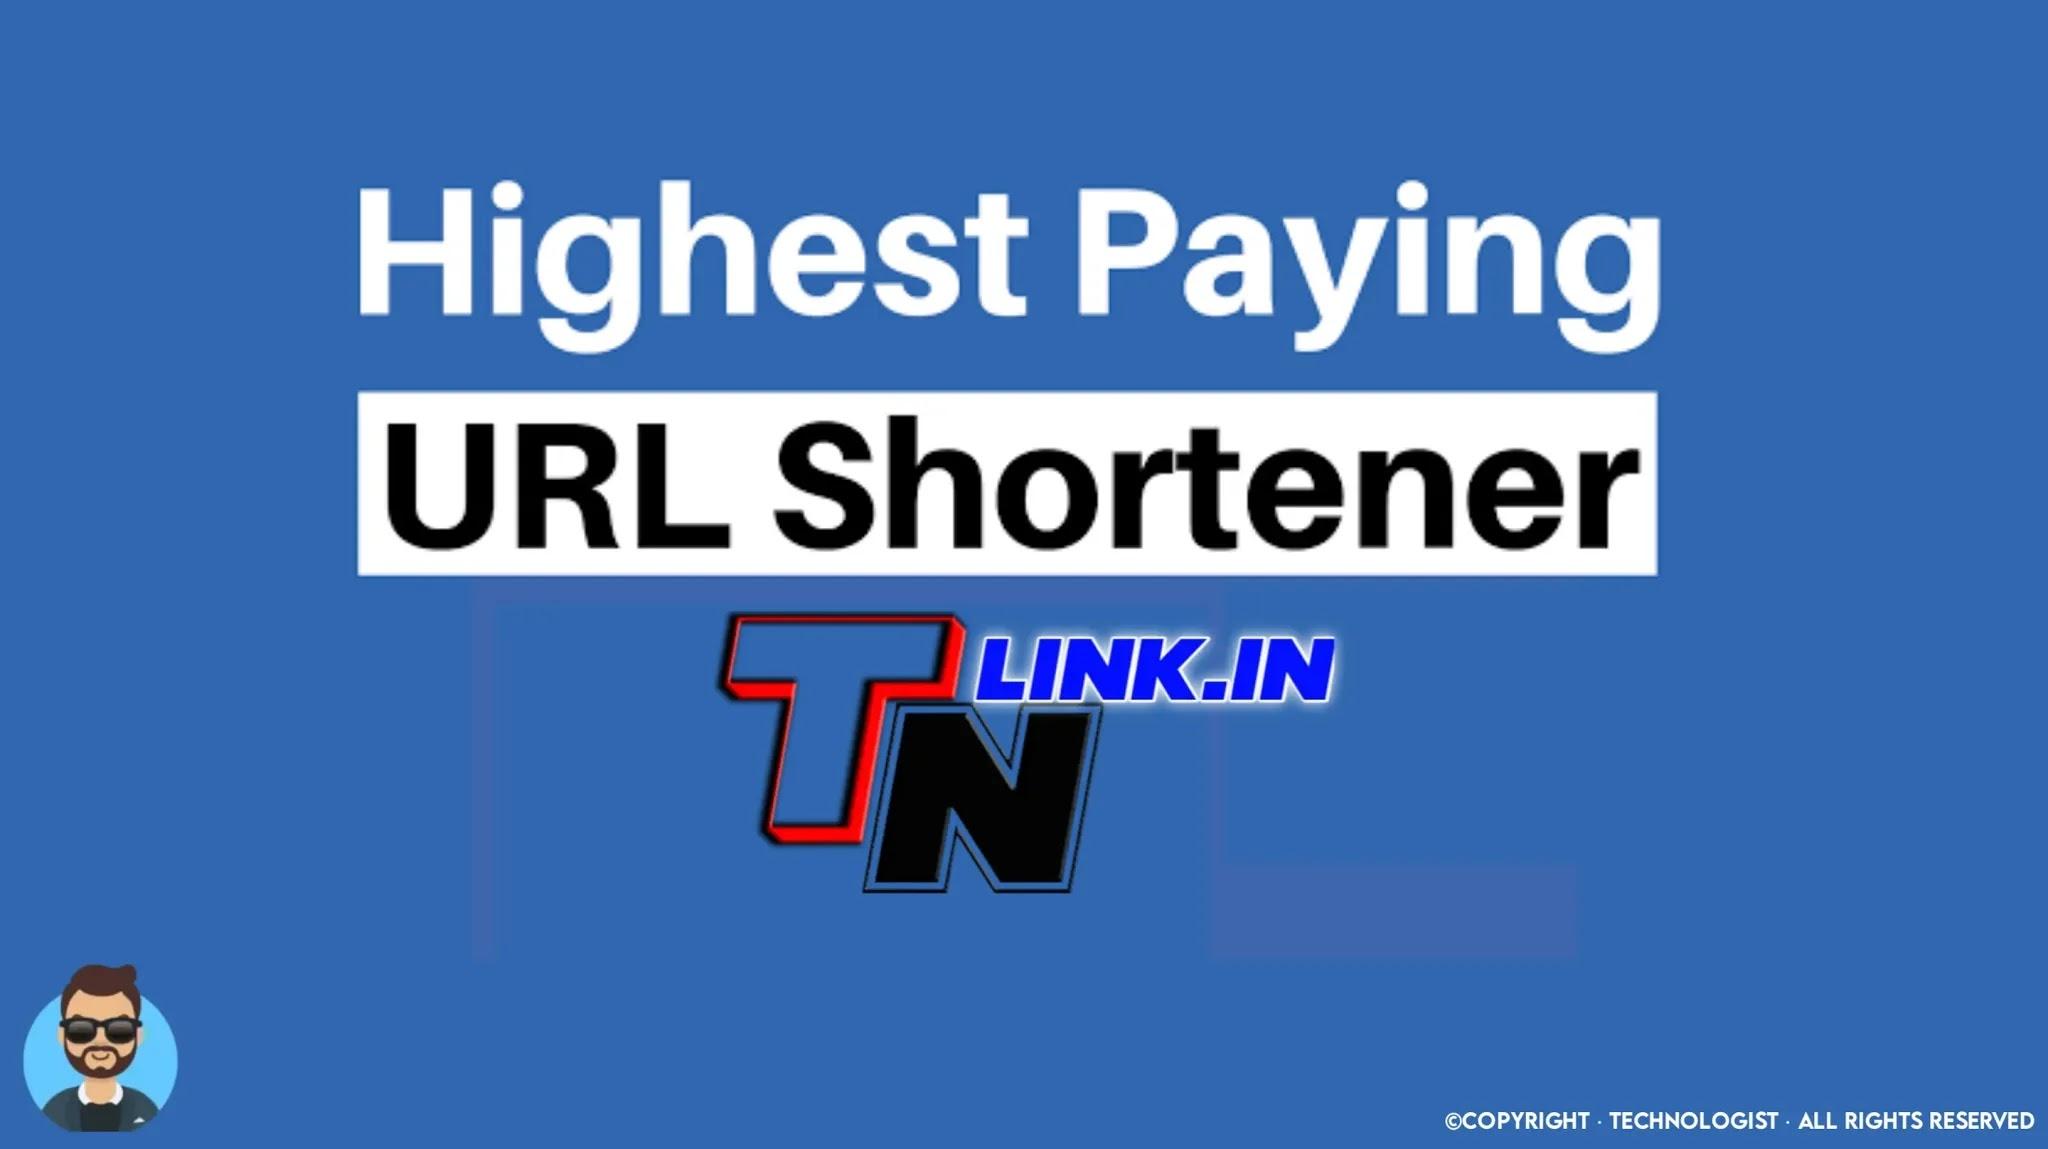 TNLink | Best URL Shortener 2021